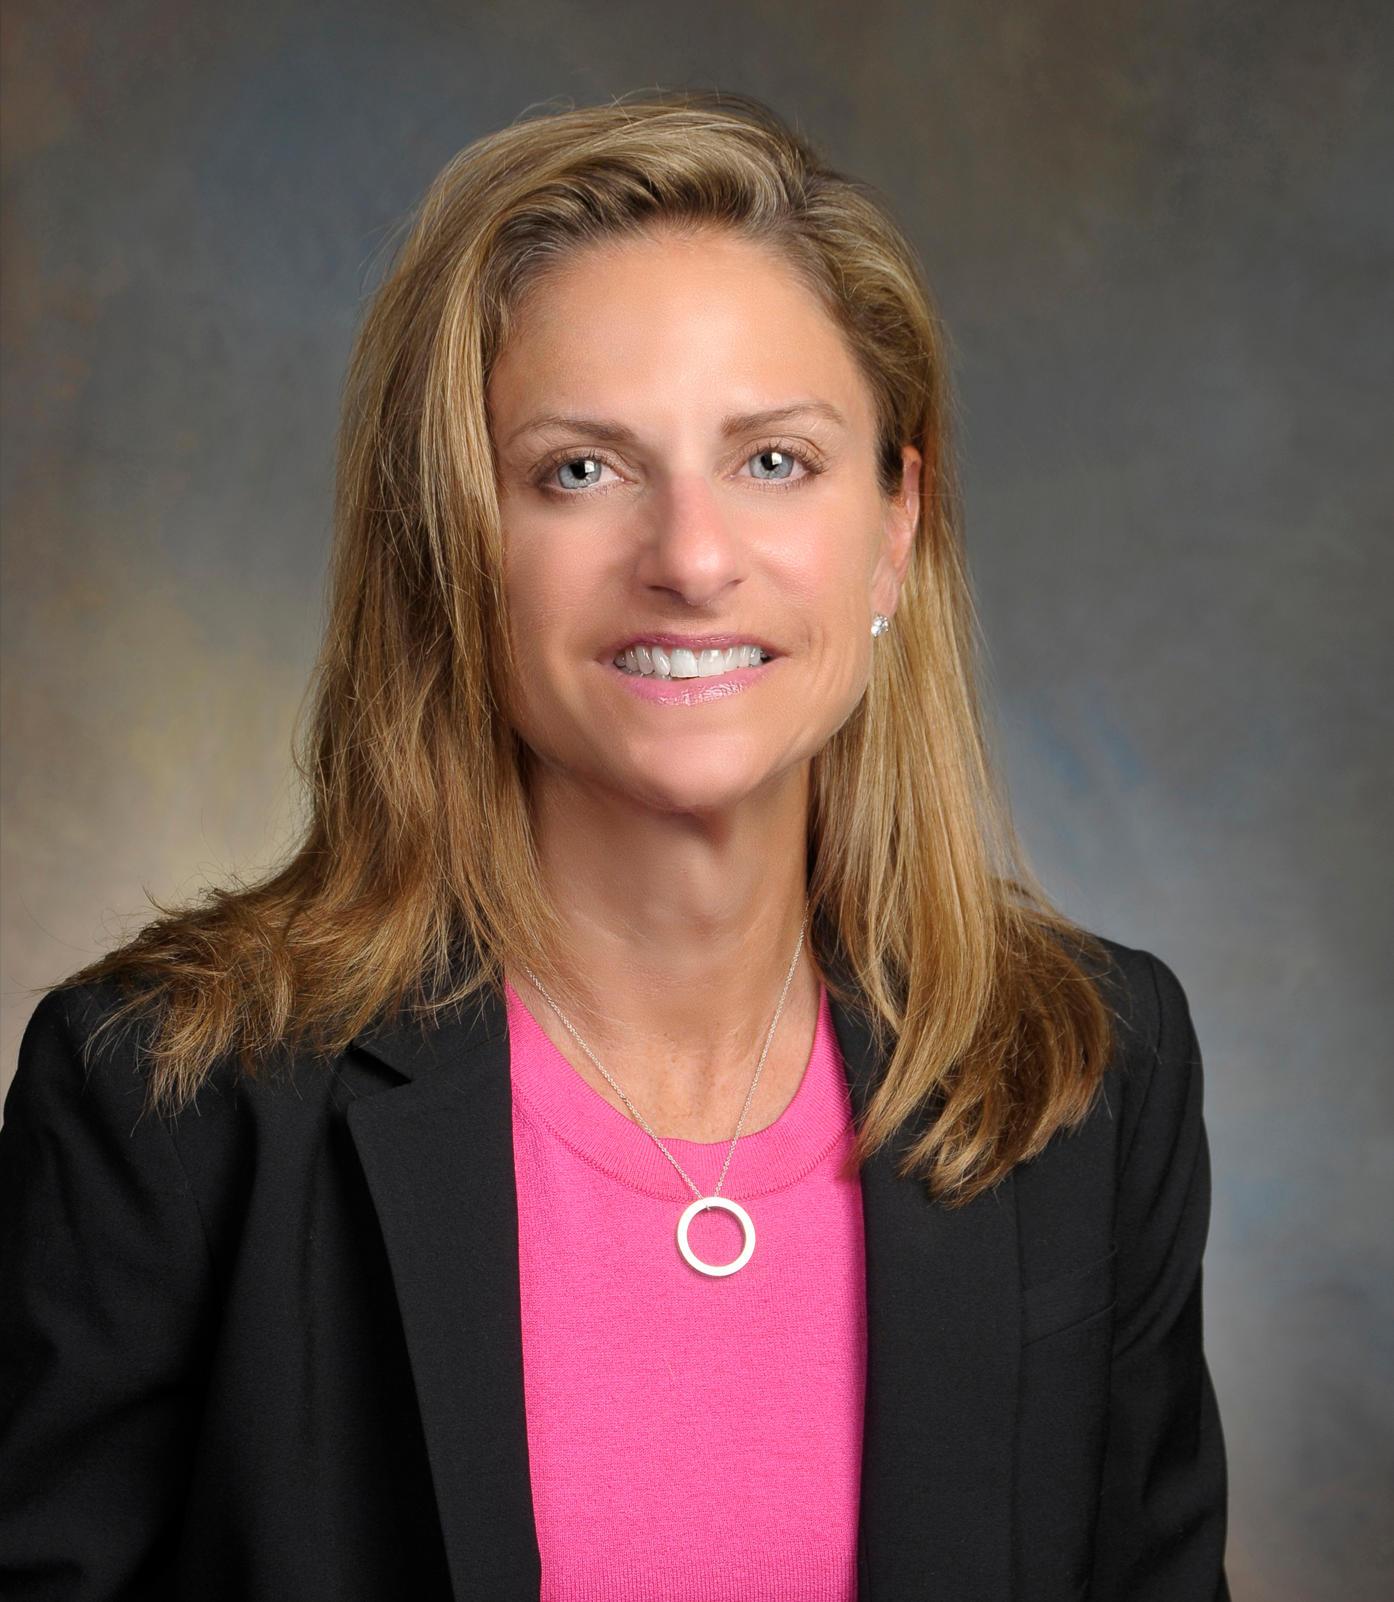 Linda Luisi-Purdue